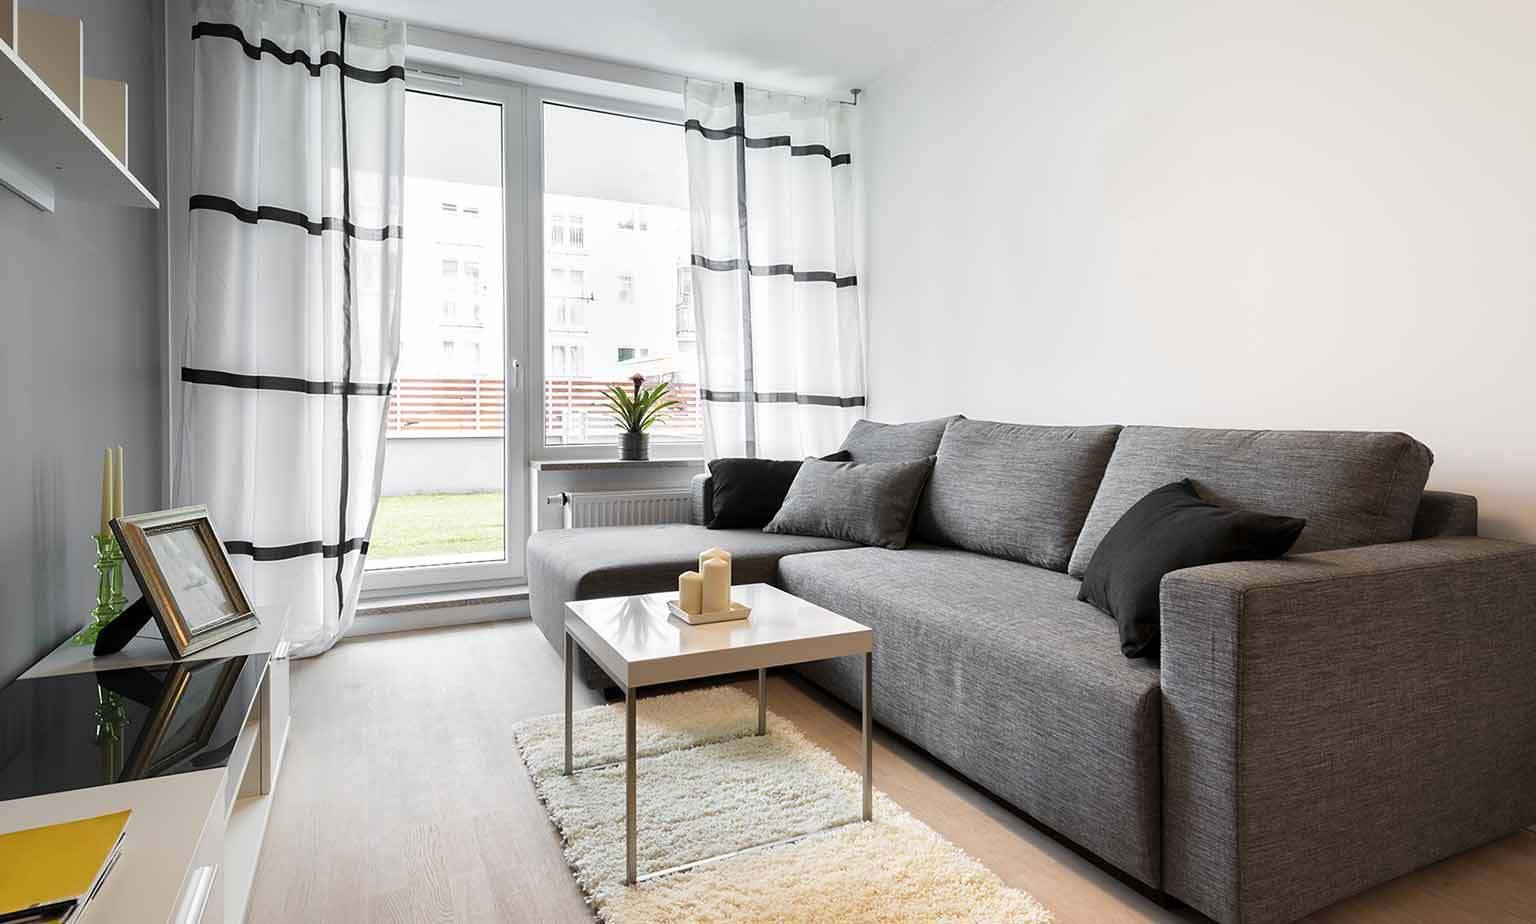 Möbel zu Outletpreisen: großartige Angebote entdecken